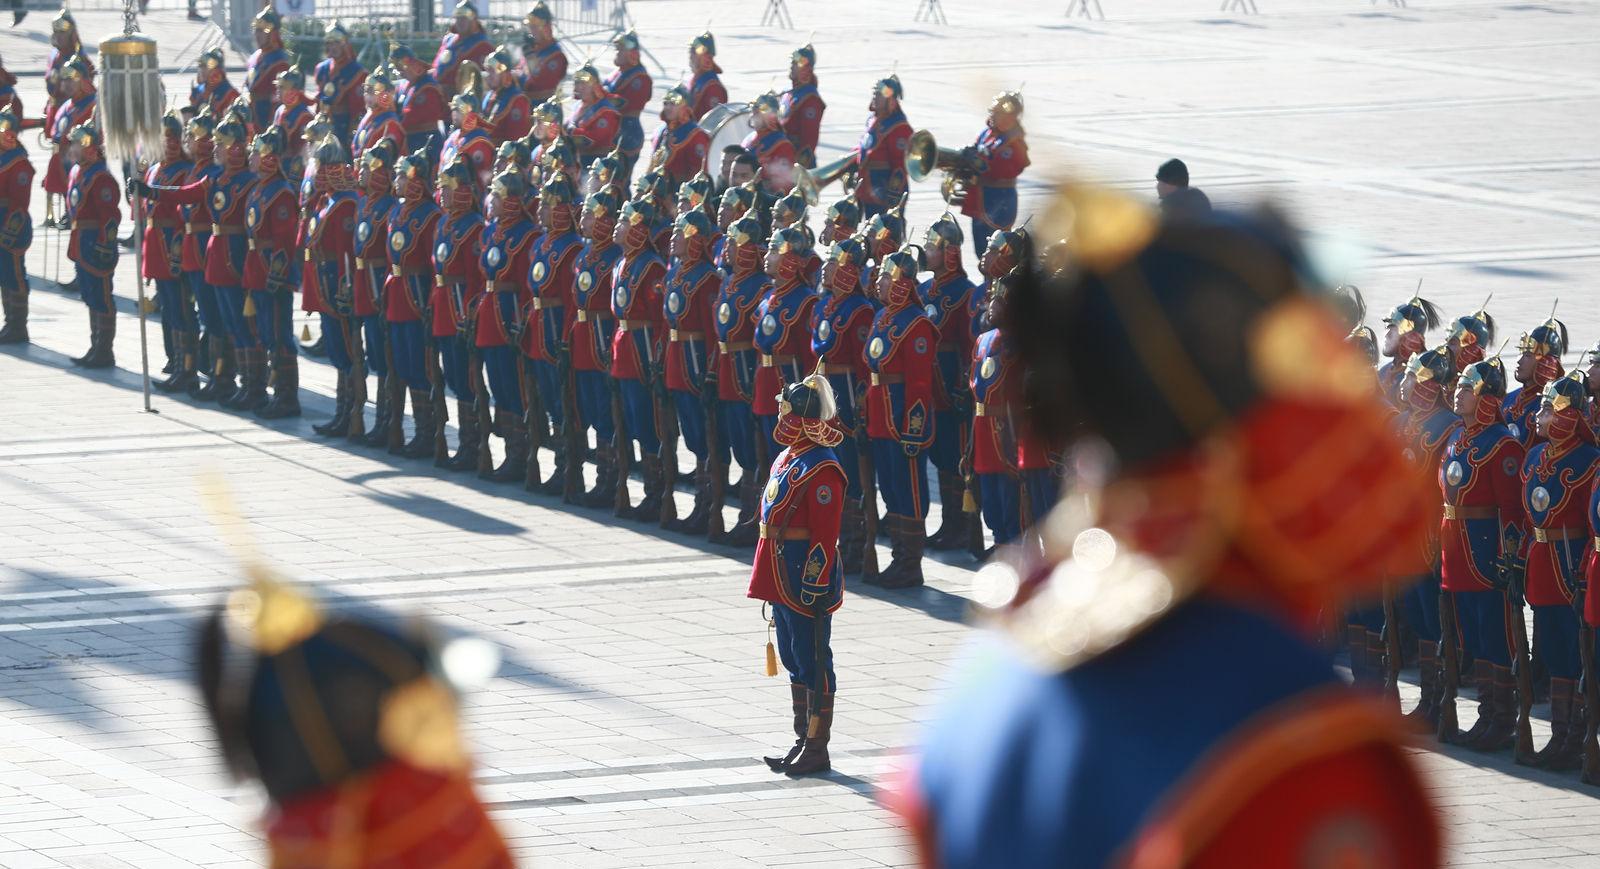 eb2e32_MPA_PHOTO_2018-8742_x974 Чингис хааны хөшөөнд хүндэтгэл үзүүлэв